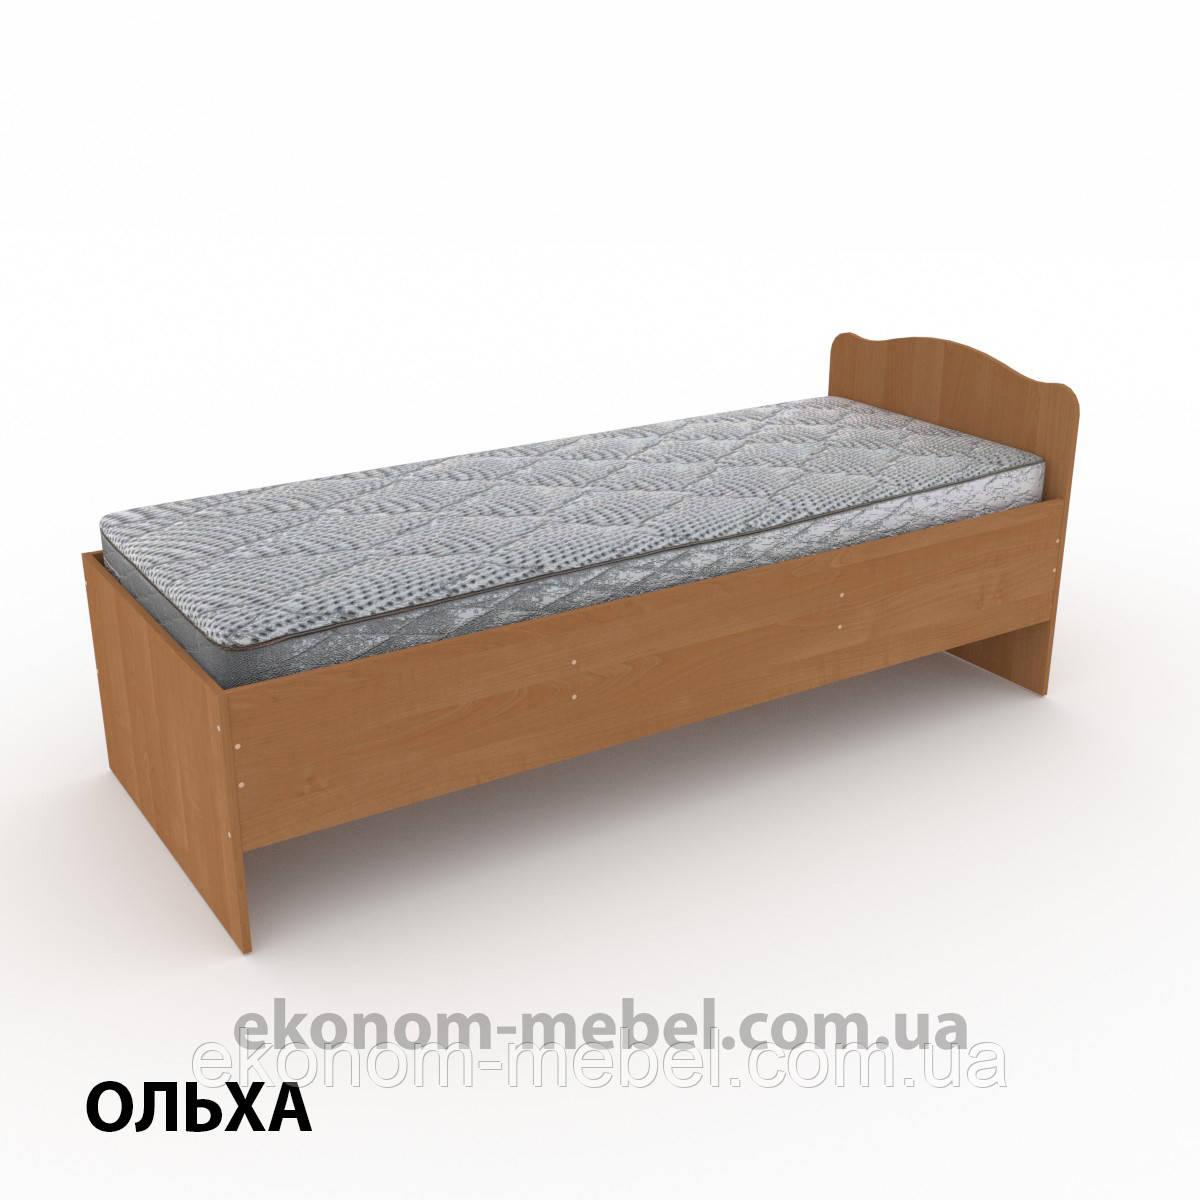 Кровать-80 односпальная эконом-класса